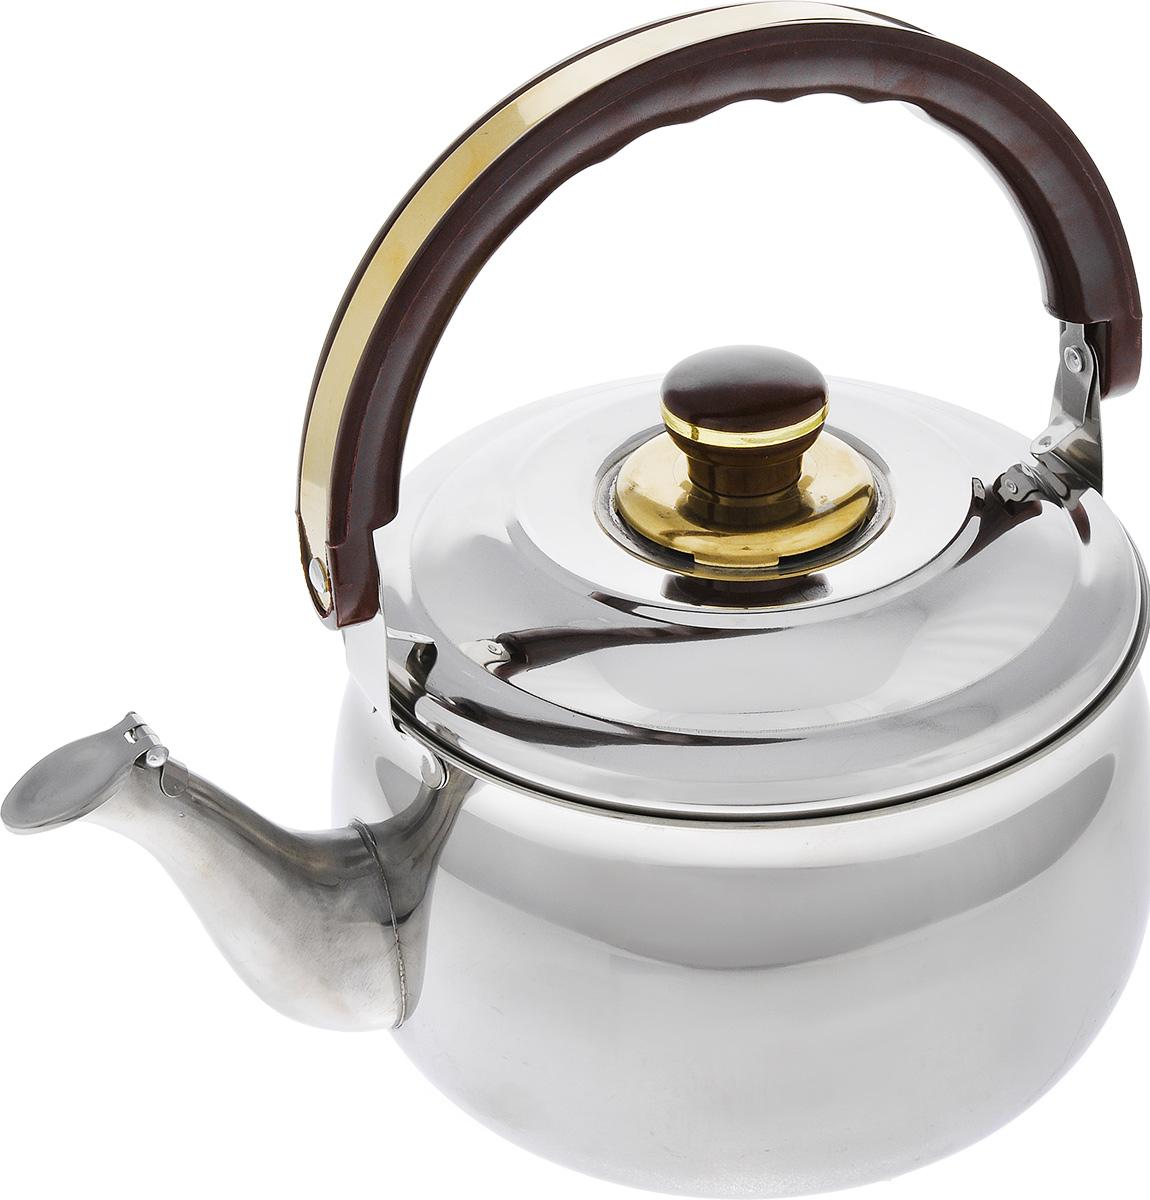 Чайник Mayer & Boch, со свистком, 4 л. 103754 009305Чайник Mayer & Boch выполнен из высококачественной нержавеющей стали 18/10, что делает его весьма гигиеничным и устойчивым к износу при длительном использовании. Капсулированное дно с прослойкой из алюминия обеспечивает наилучшее распределение тепла. Крышка чайника оснащена свистком, что позволит вам контролировать процесс подогрева или кипячения воды. Подвижная ручка чайника изготовлена из бакелита. Подходит для газовых, электрических и стеклокерамических плит. Не подходит для индукционных плит. Высота чайника (без учета ручки и крышки): 12,5 см.Высота чайника (с учетом ручки и крышки): 26,5 см.Диаметр чайника (по верхнему краю): 19 см.